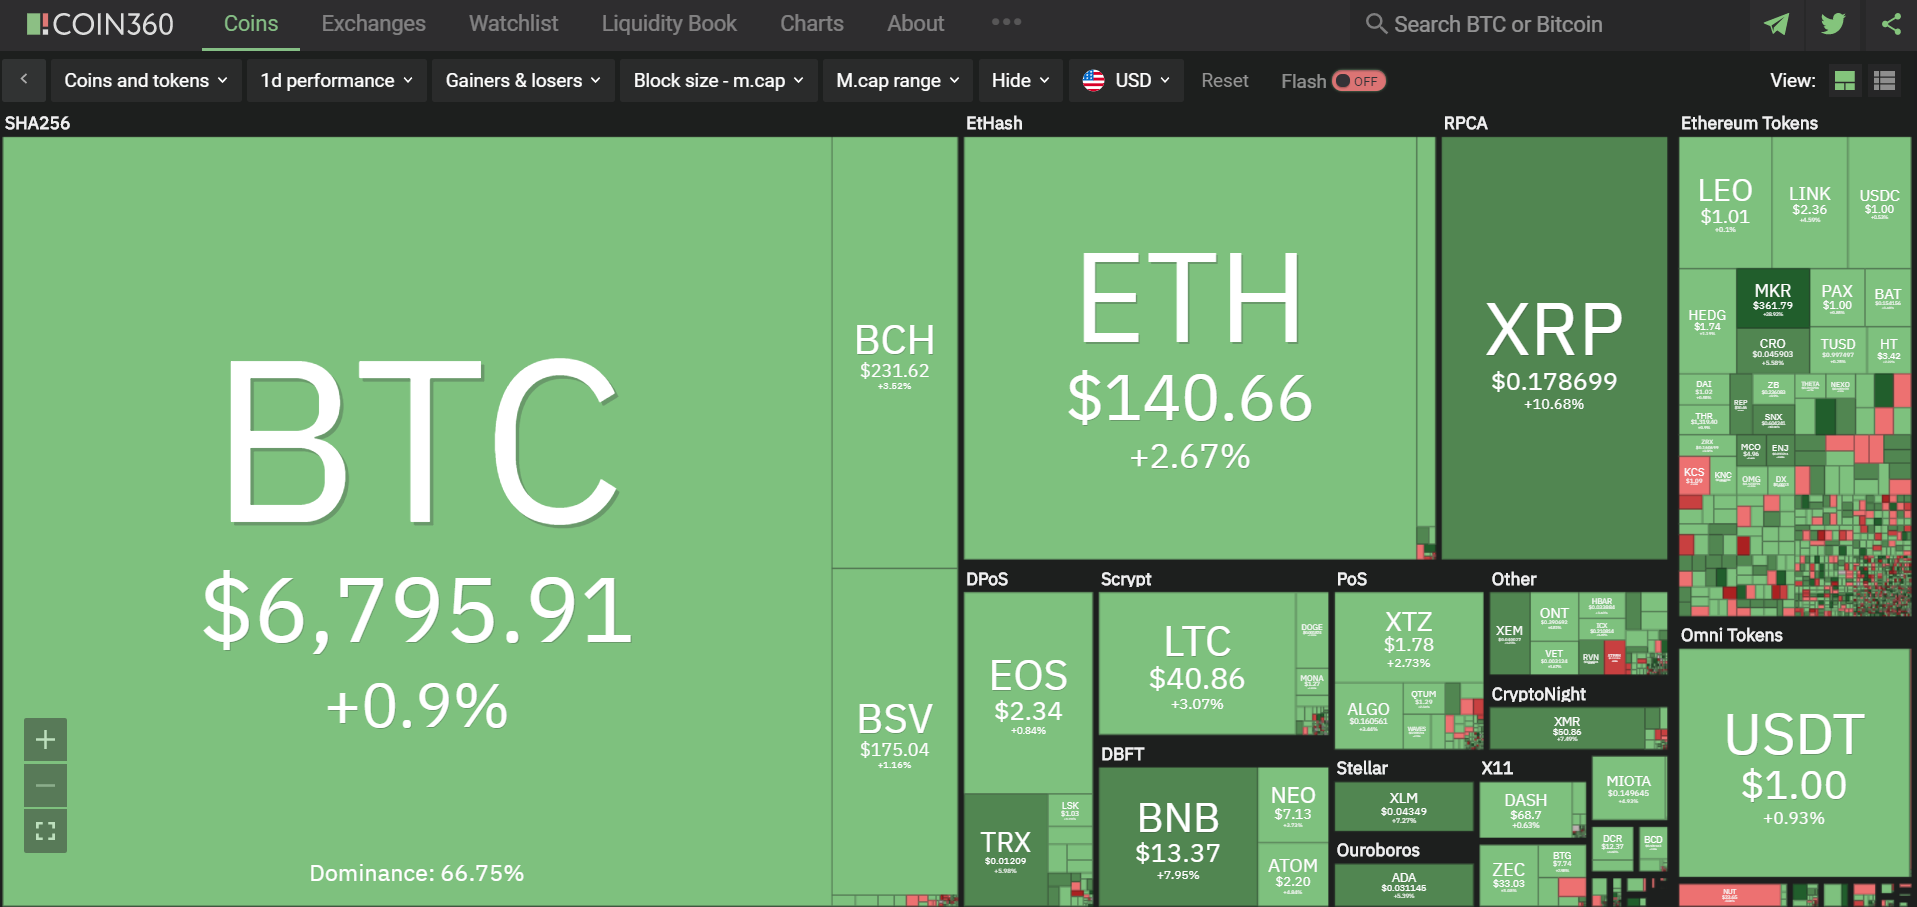 Toàn cảnh thị trường tiền kĩ thuật số hôm nay (27/3) (Nguồn: Coin360.com)